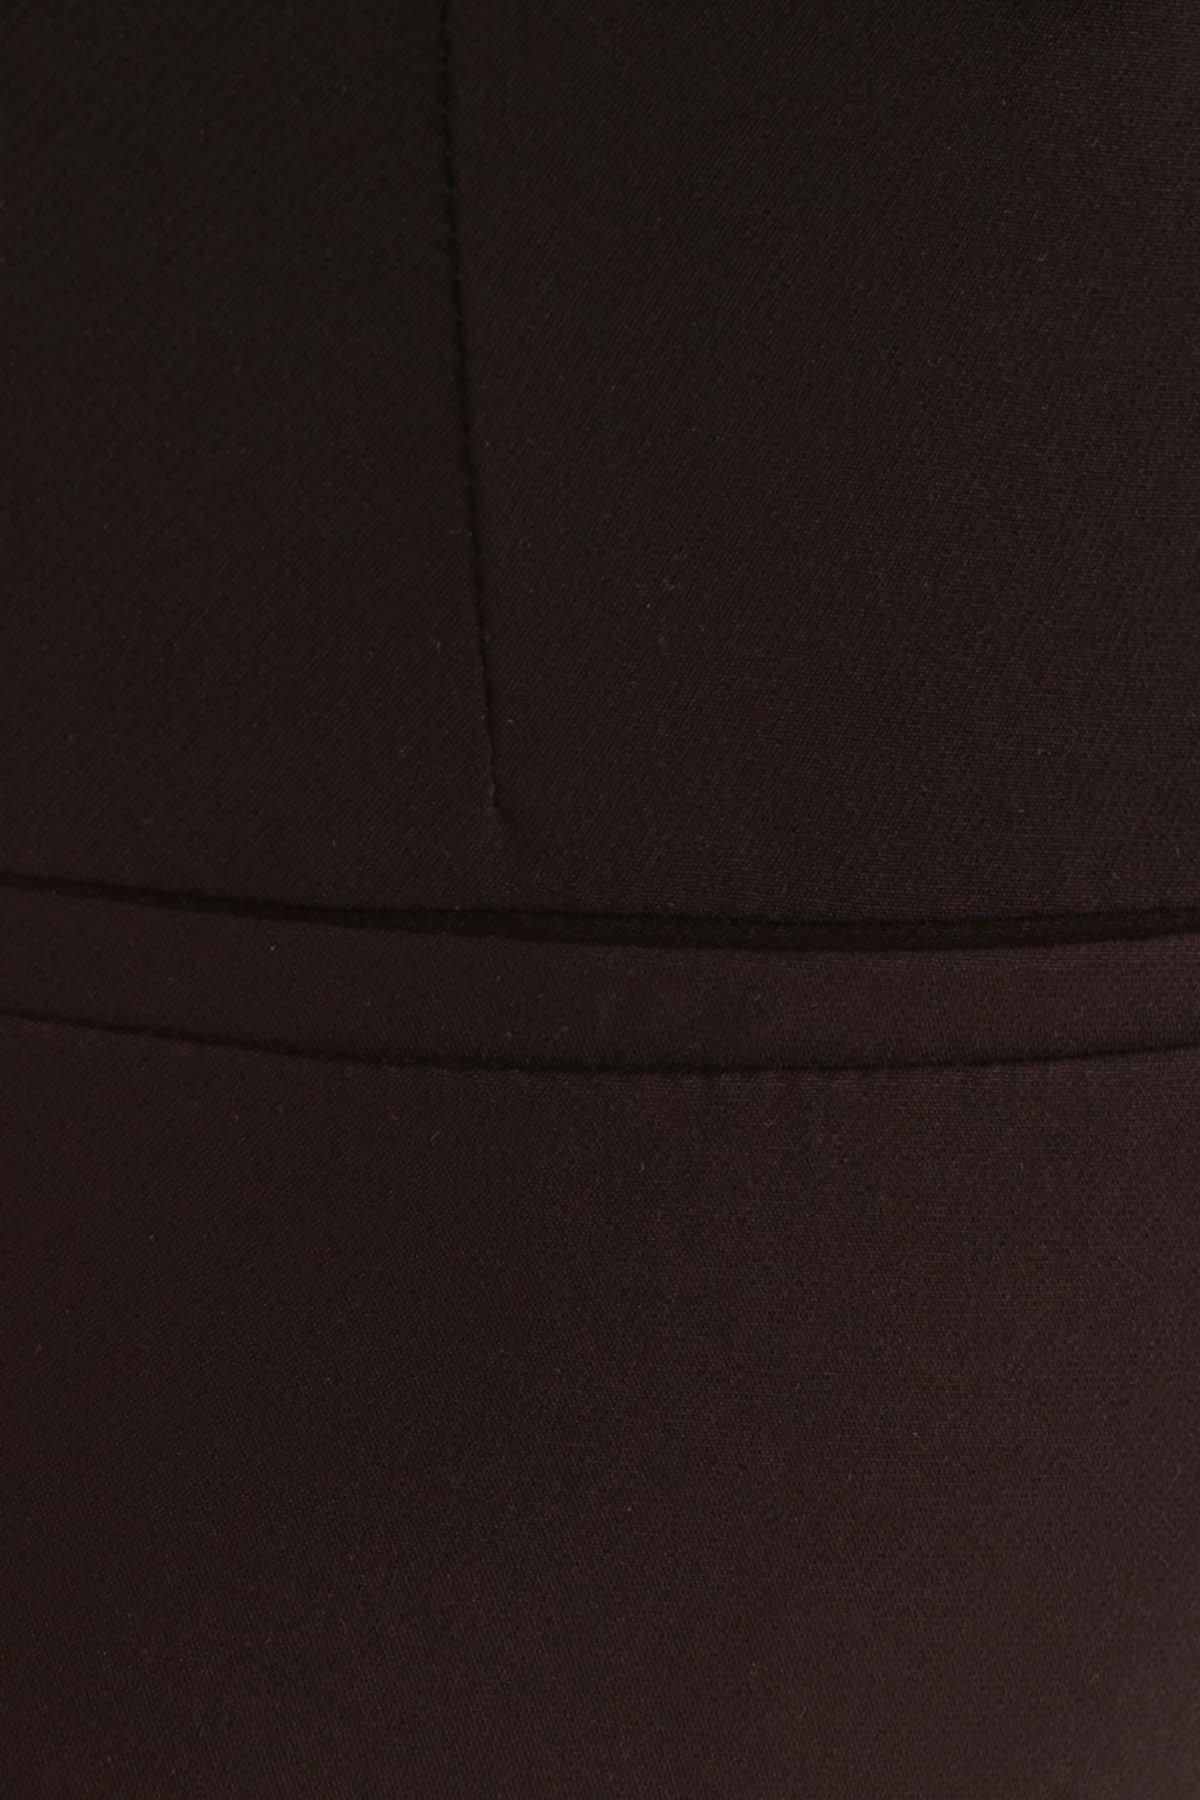 Базовые брюки со стрелками Эдвин 2467 АРТ. 16304 Цвет: Черный - фото 9, интернет магазин tm-modus.ru